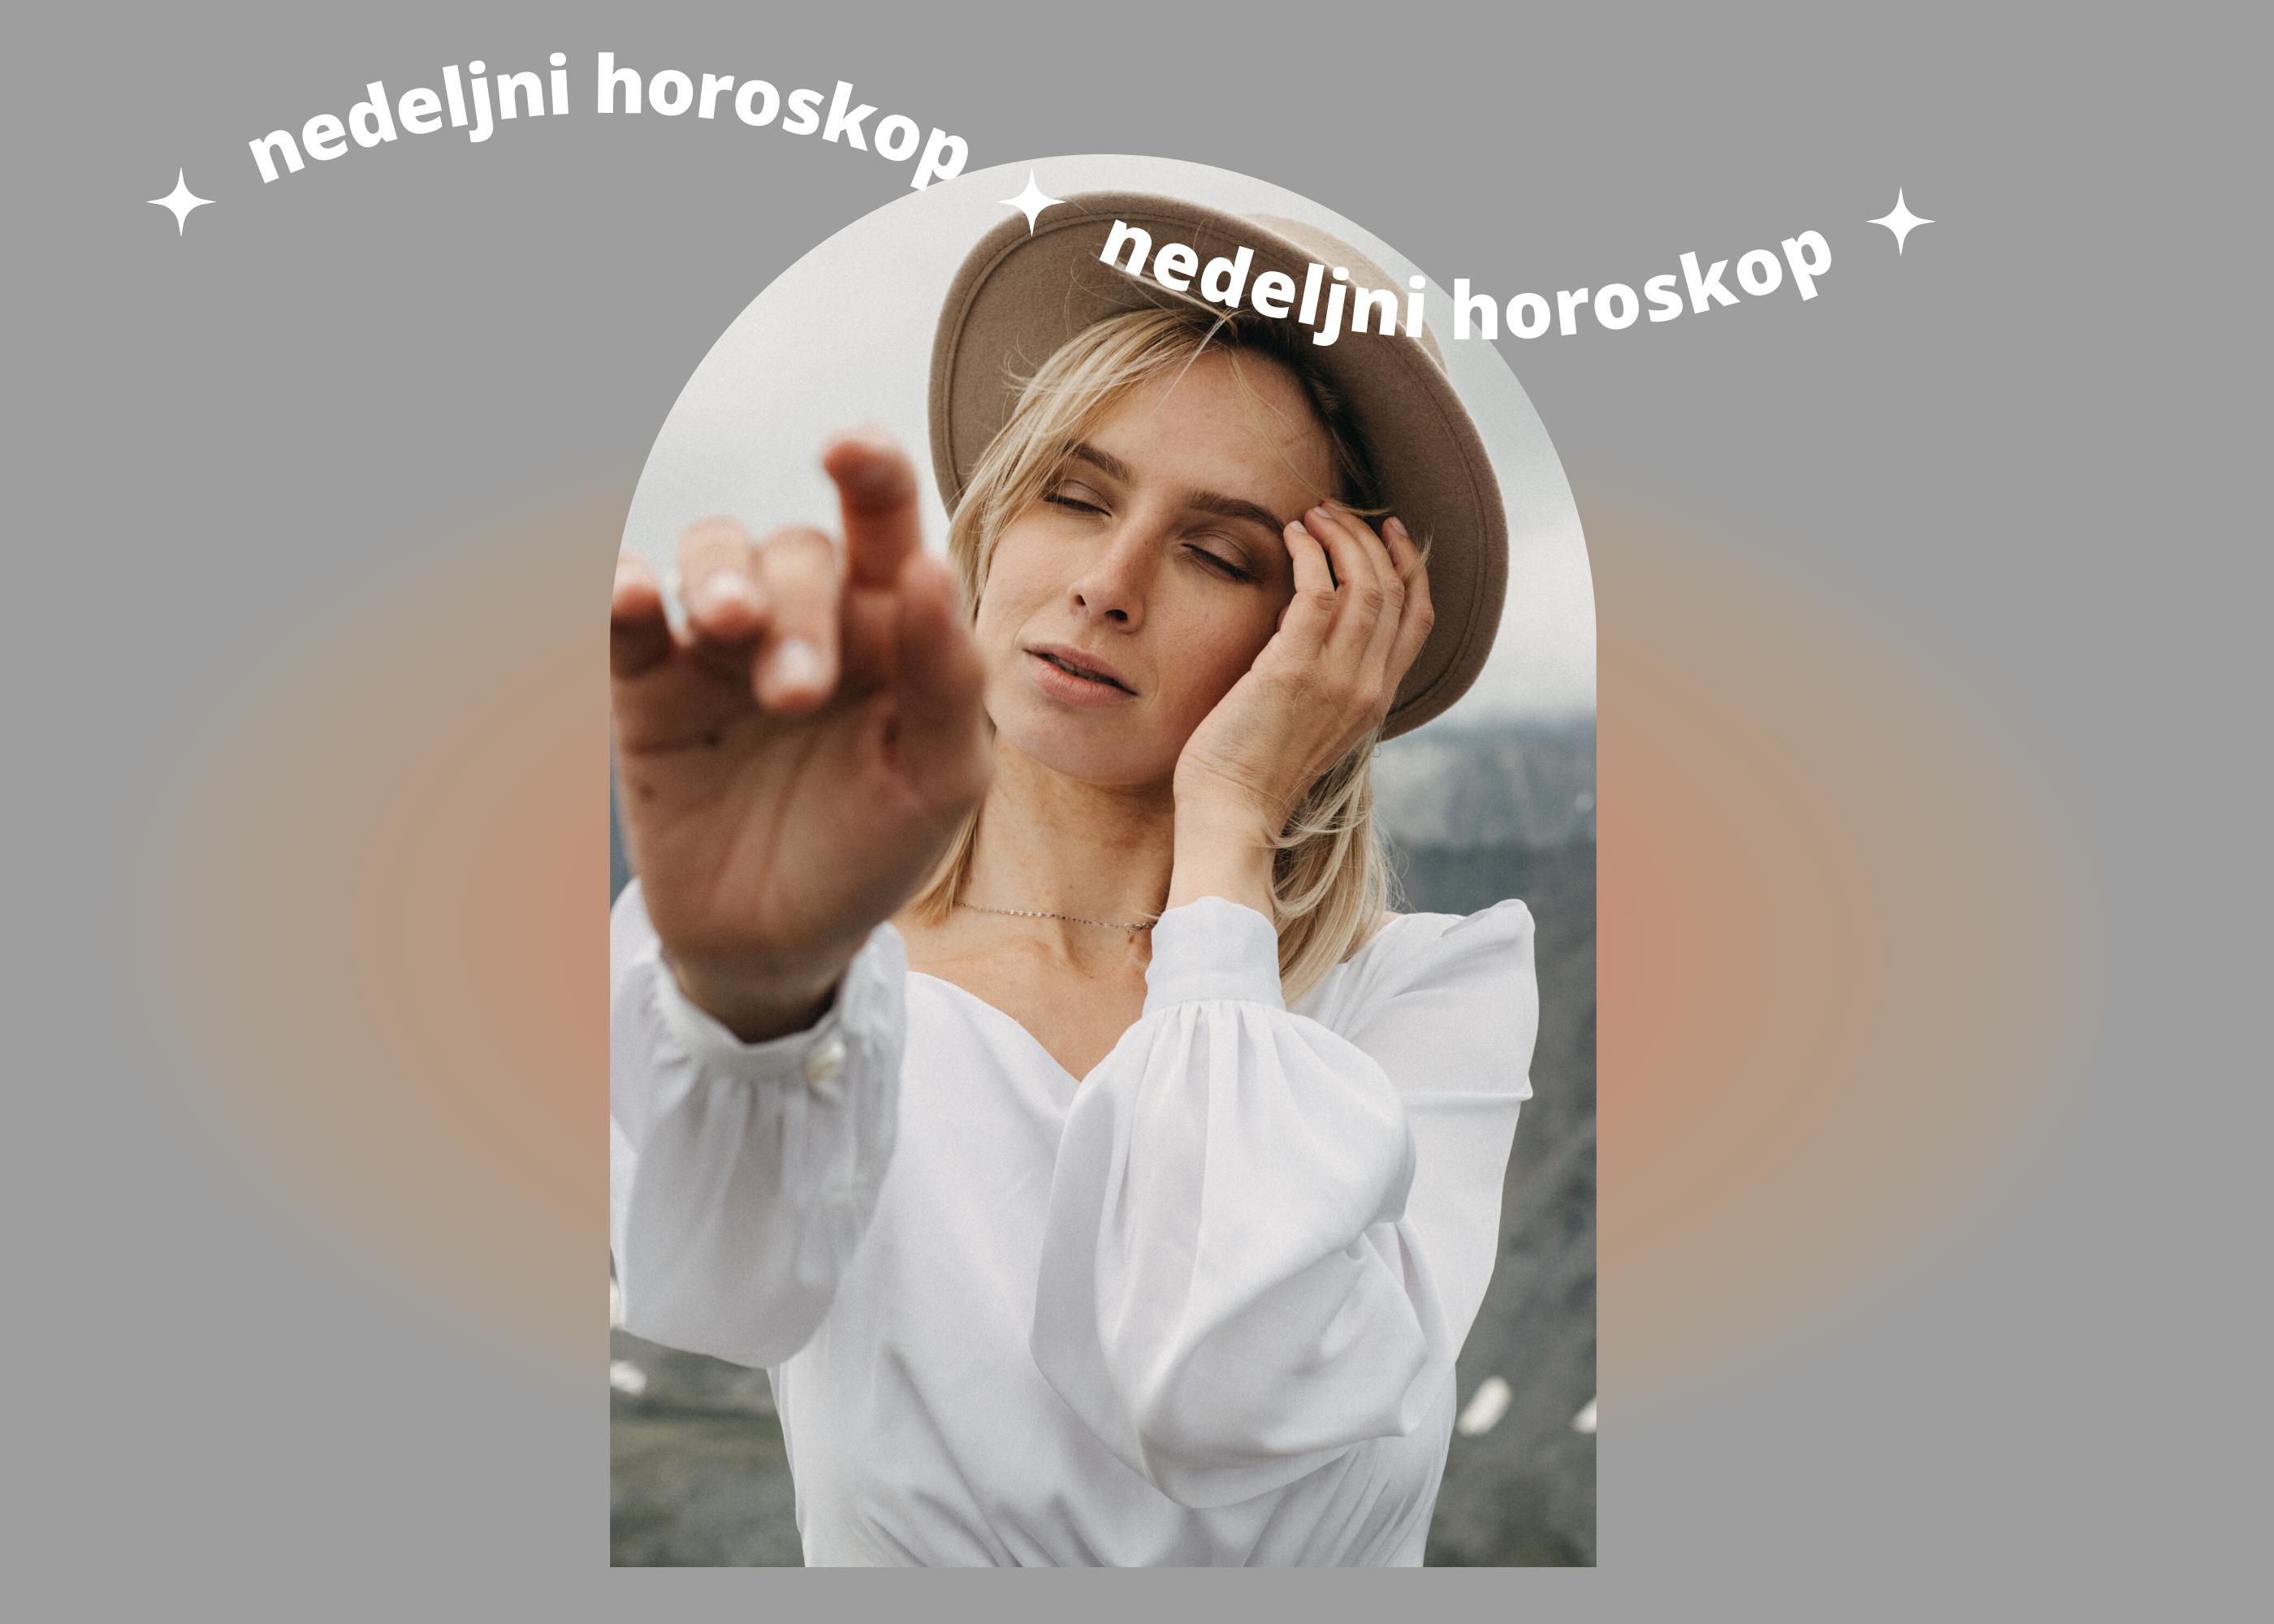 Nedeljni horoskop od 13. do 19. septembra